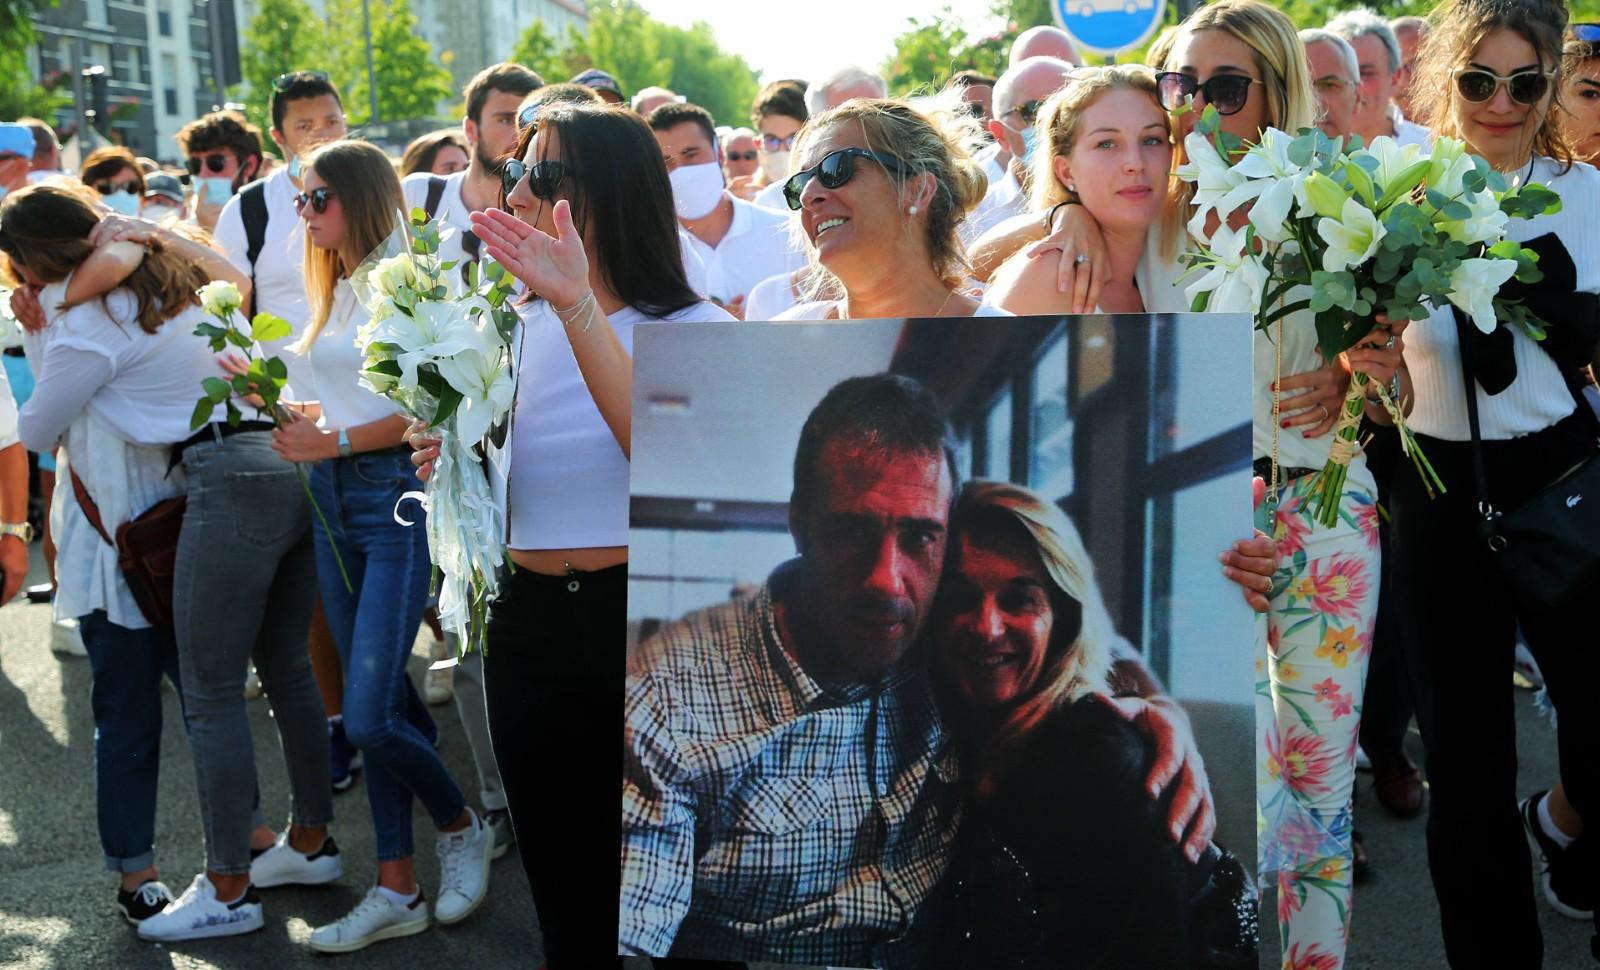 Veronique Monguillot et ses filles dans une manifestation pour Philippe, le 10 juillet 2020, à Bayonne © Bob Edme/AP/SIPA Numéro de reportage: AP22471502_000003